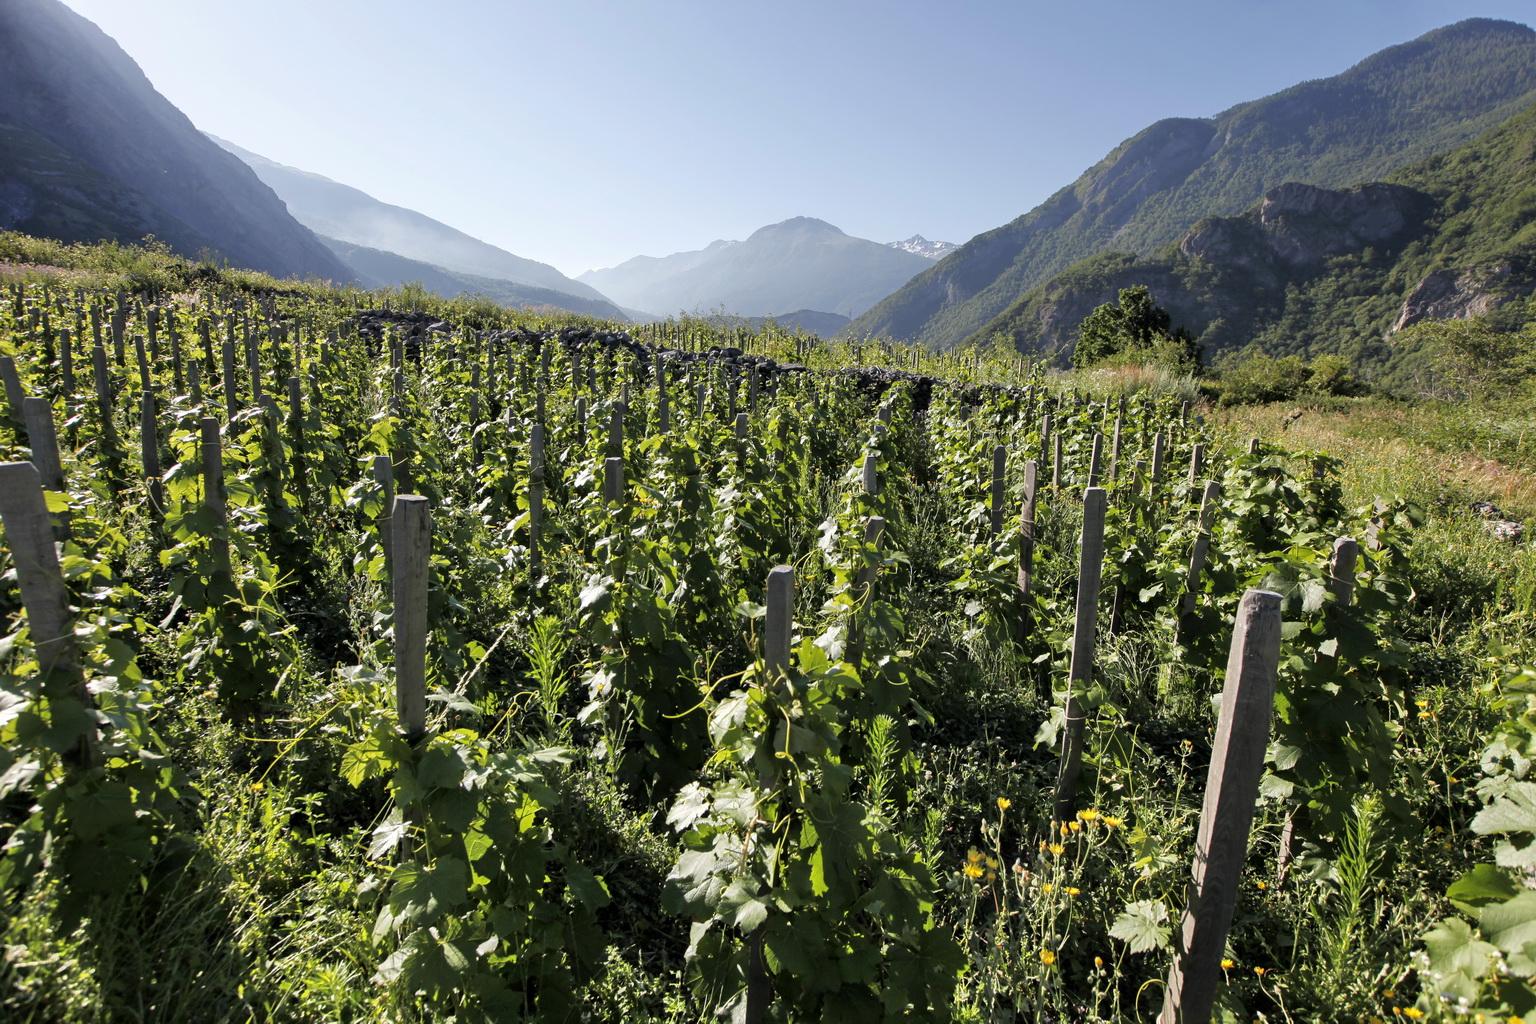 Vignes de Maurienne - Jean-Marc Blache